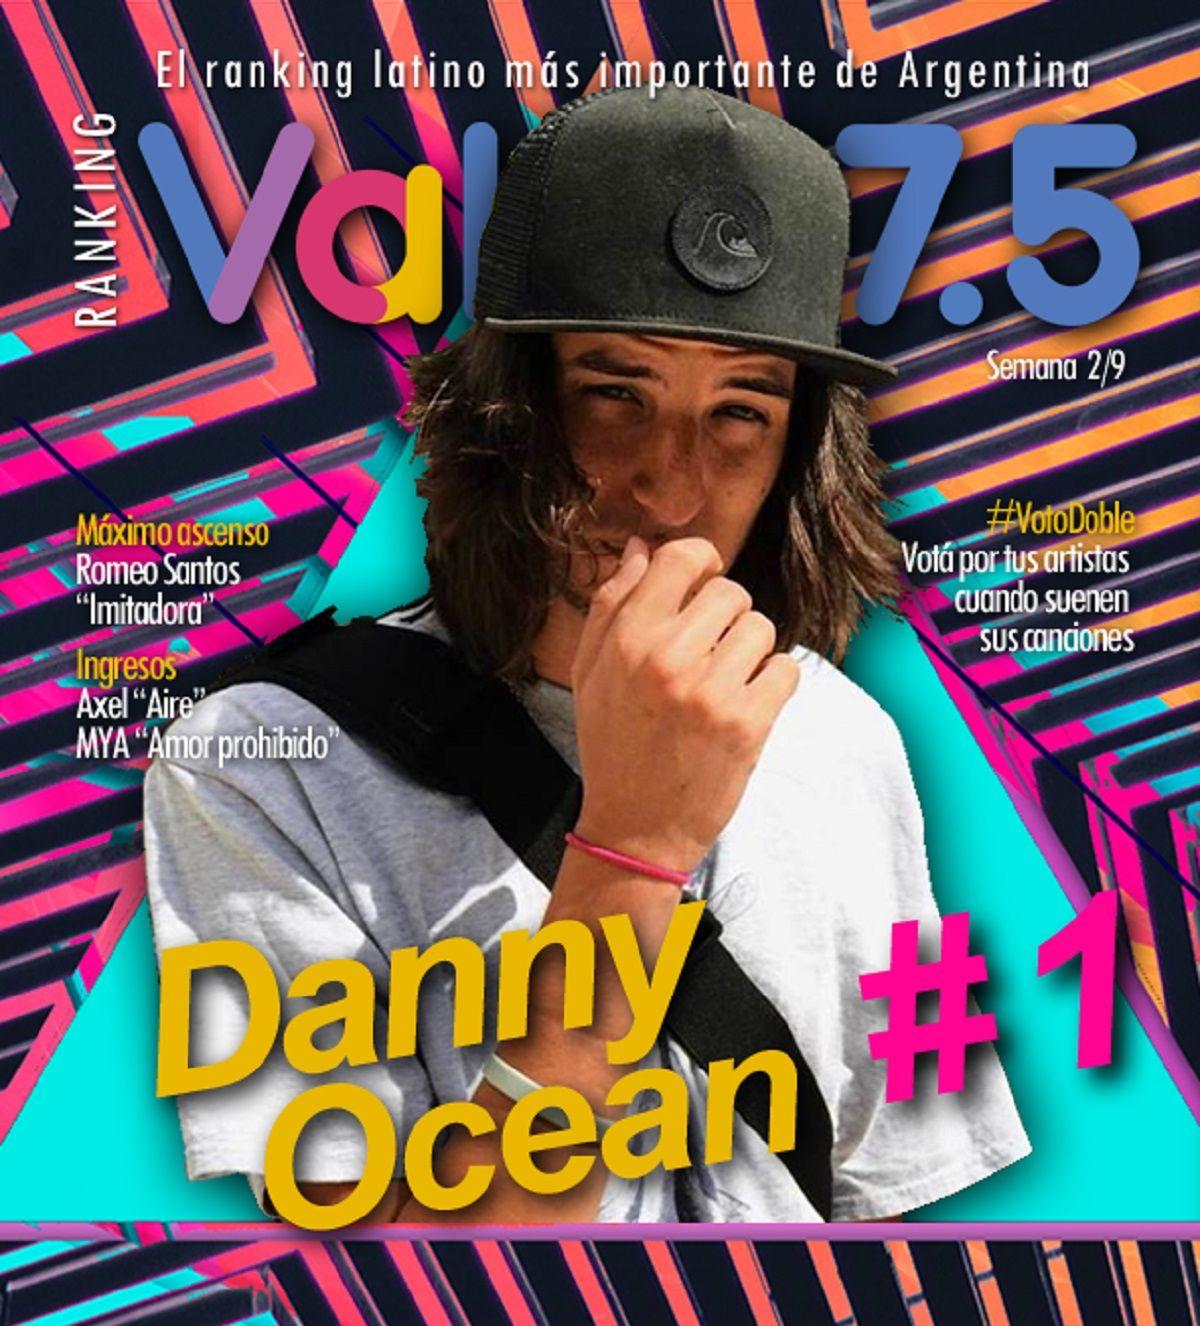 Danny Ocean llegó a lo más alto del Ranking Vale